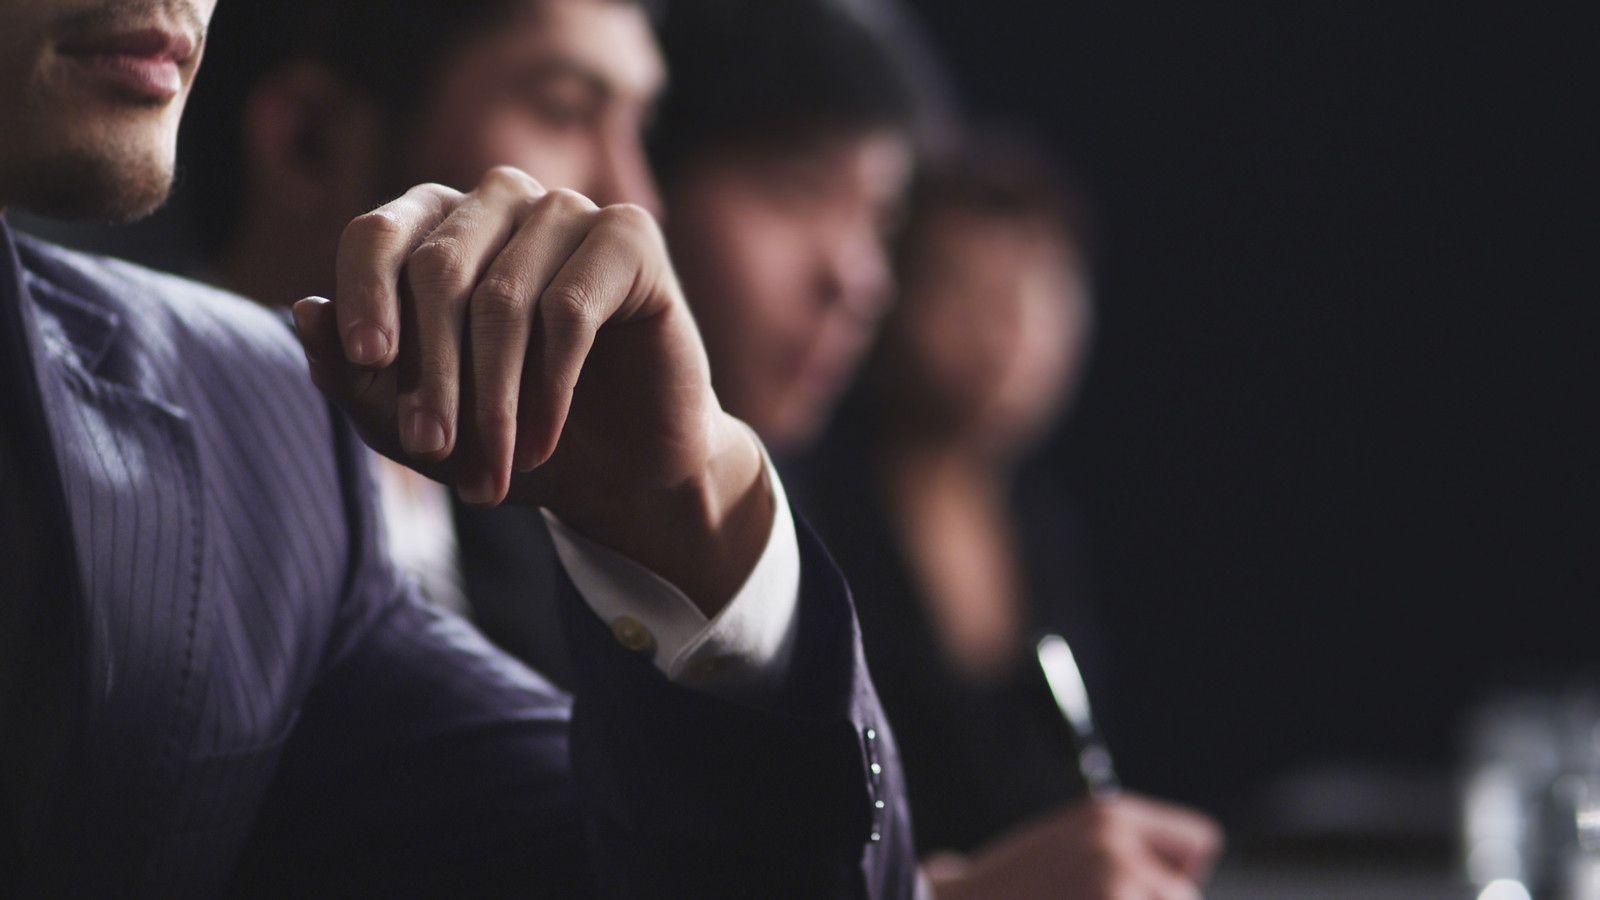 Top CEO concerns